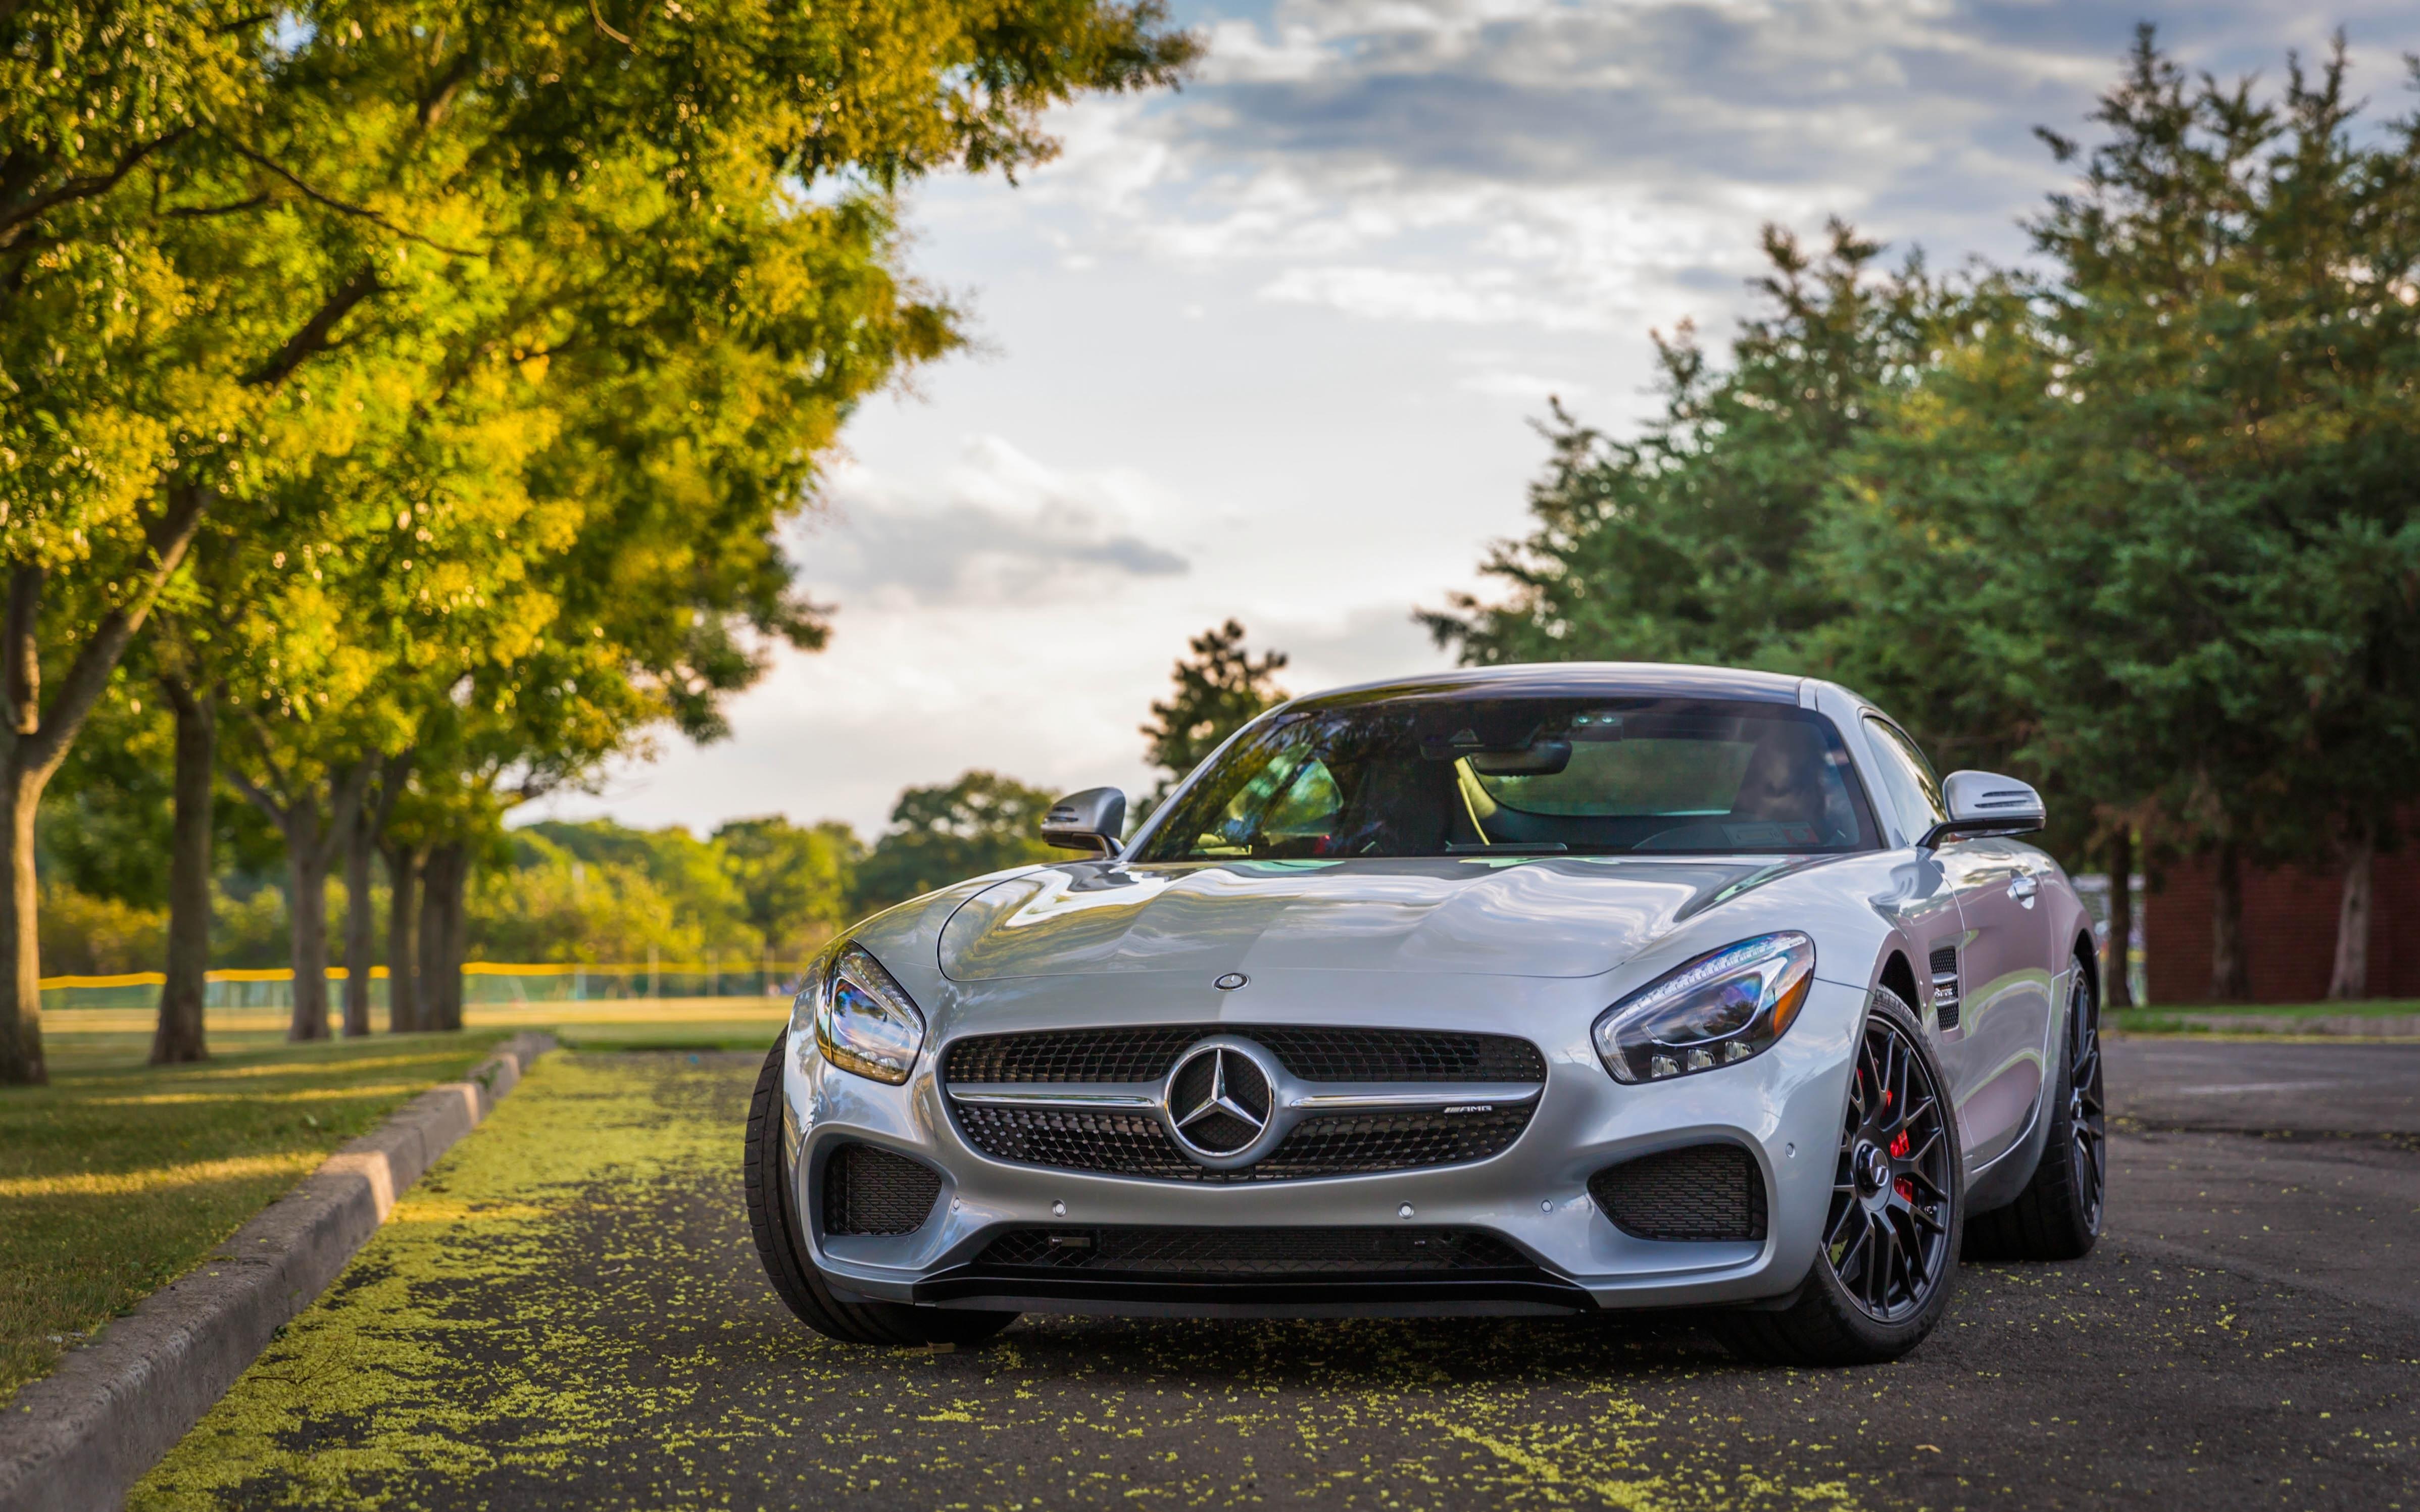 Mercedes Amg Gt 4k Ultra Tapeta Hd Tło 4791x2994 Id691012